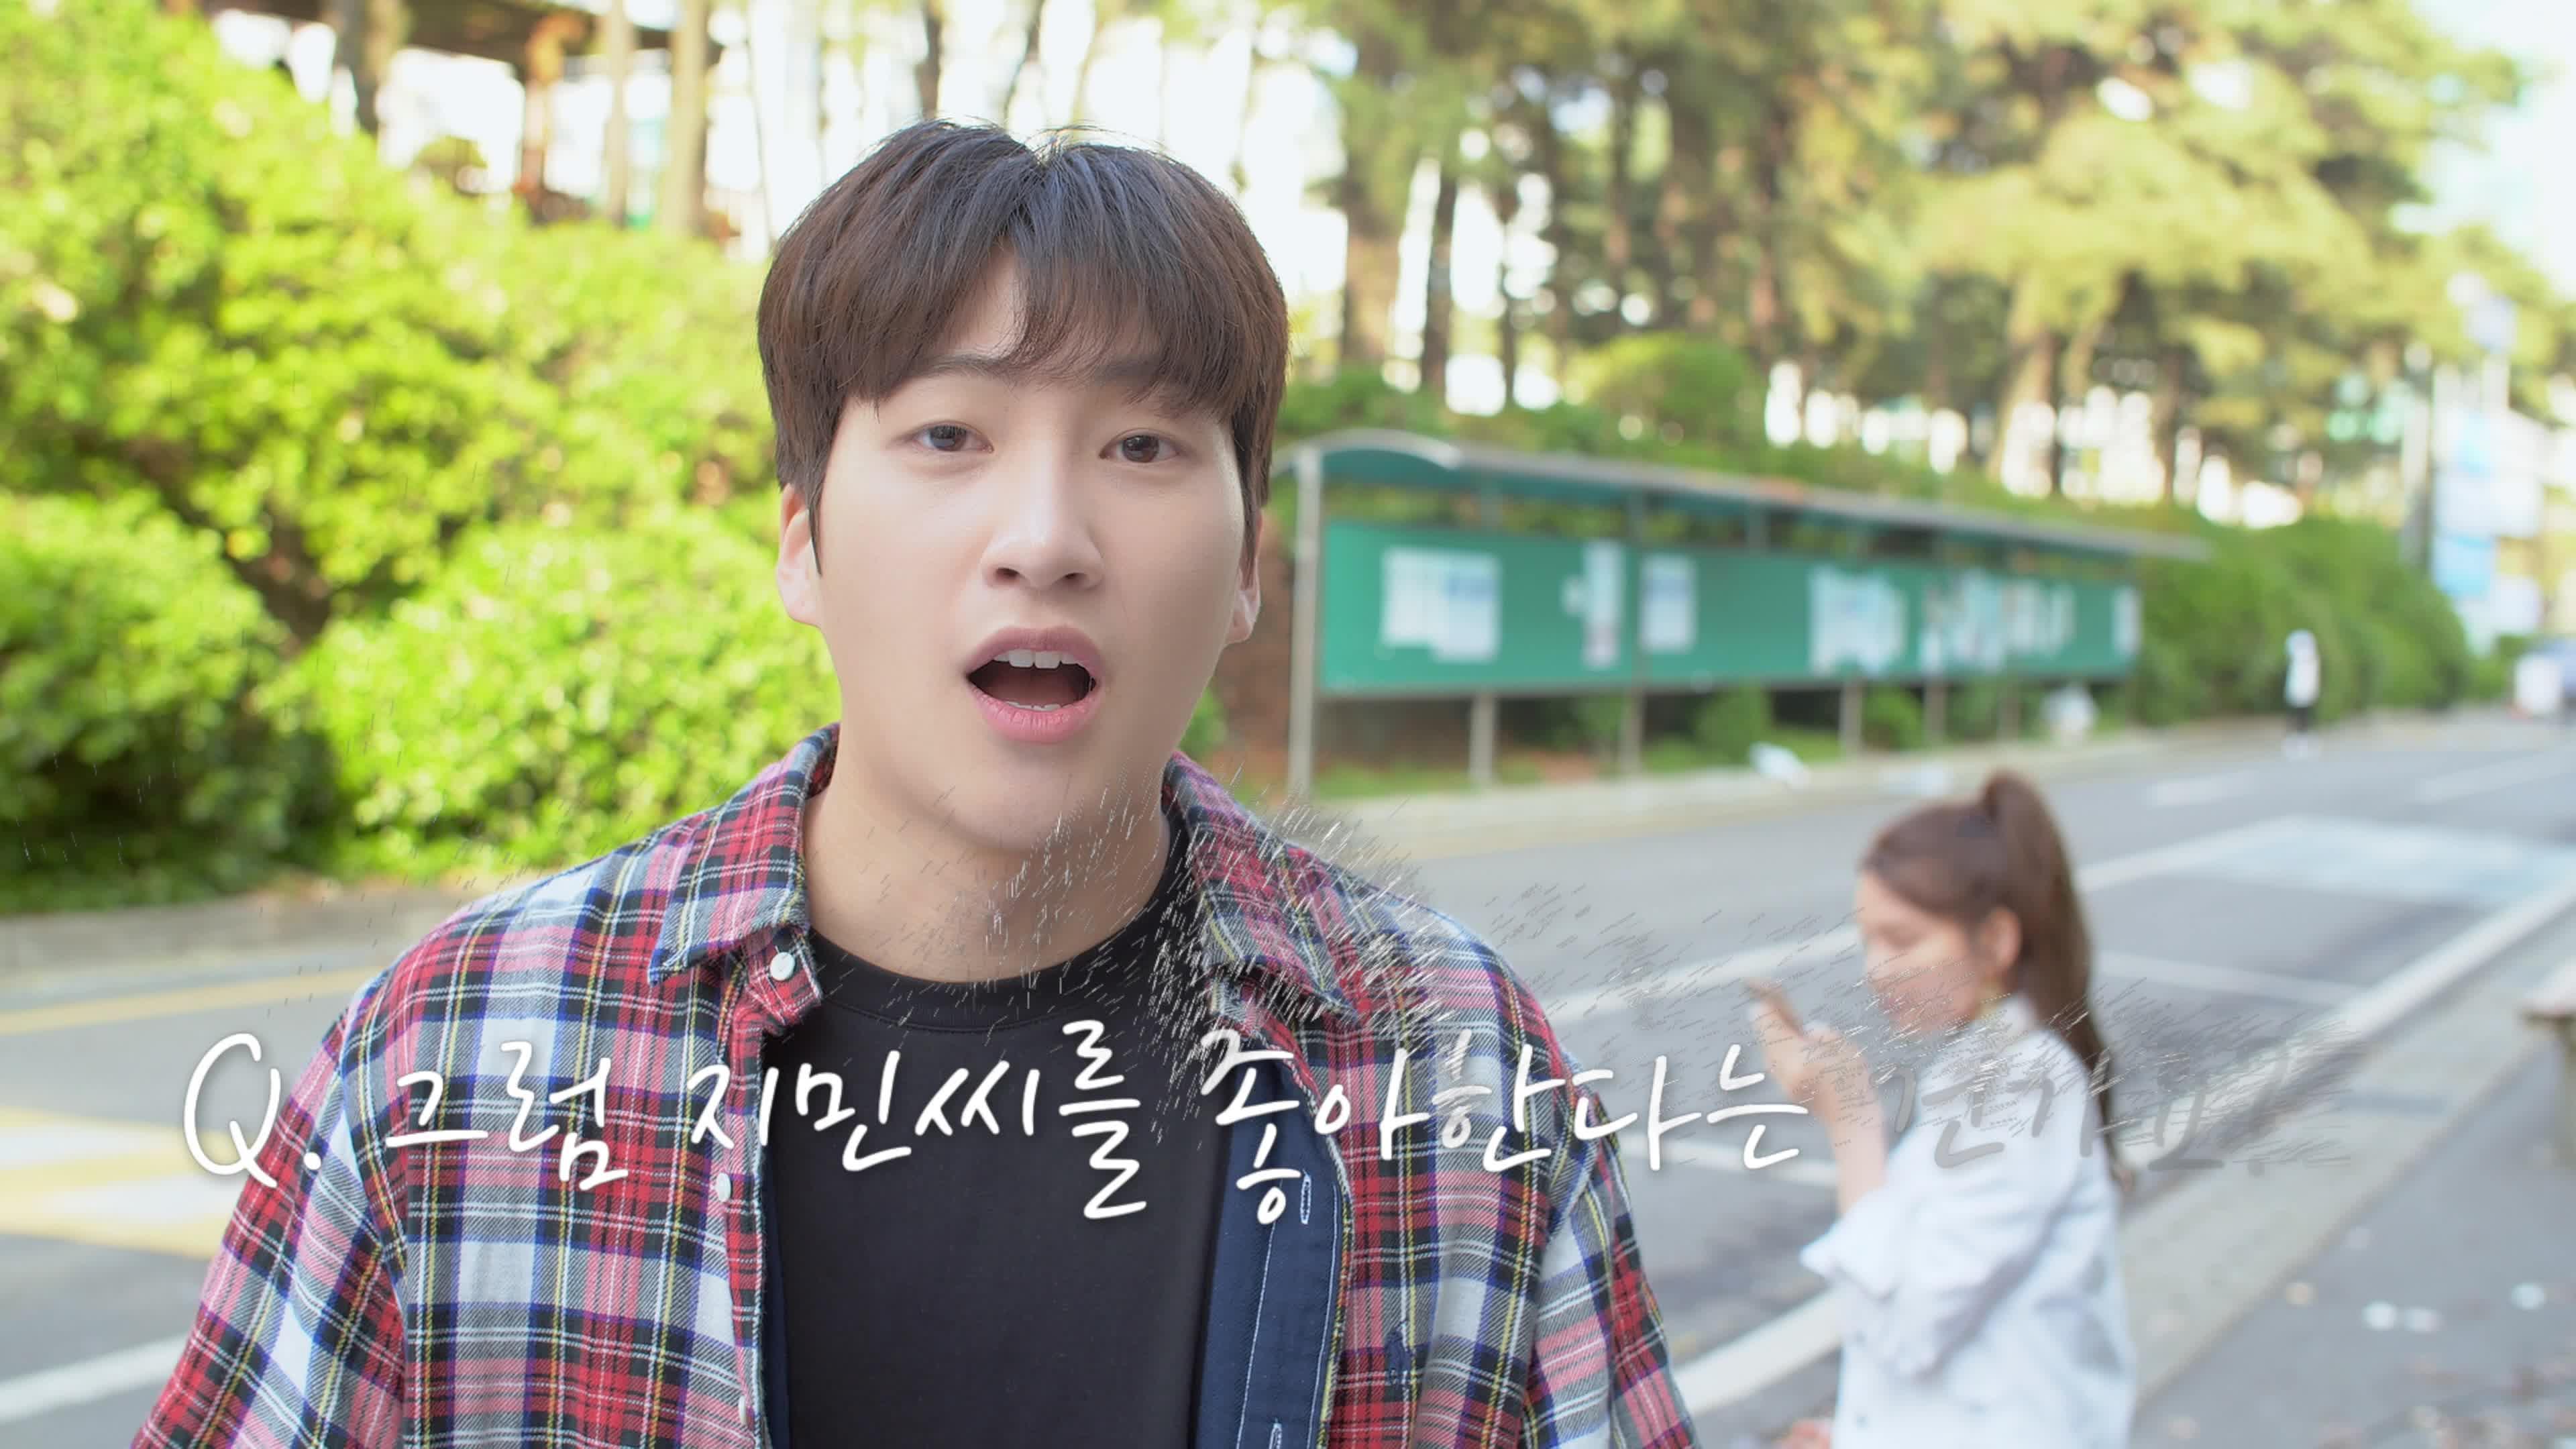 아싸가 인싸를 만나는 방법 [웹드라마 청춘타로] EP.01